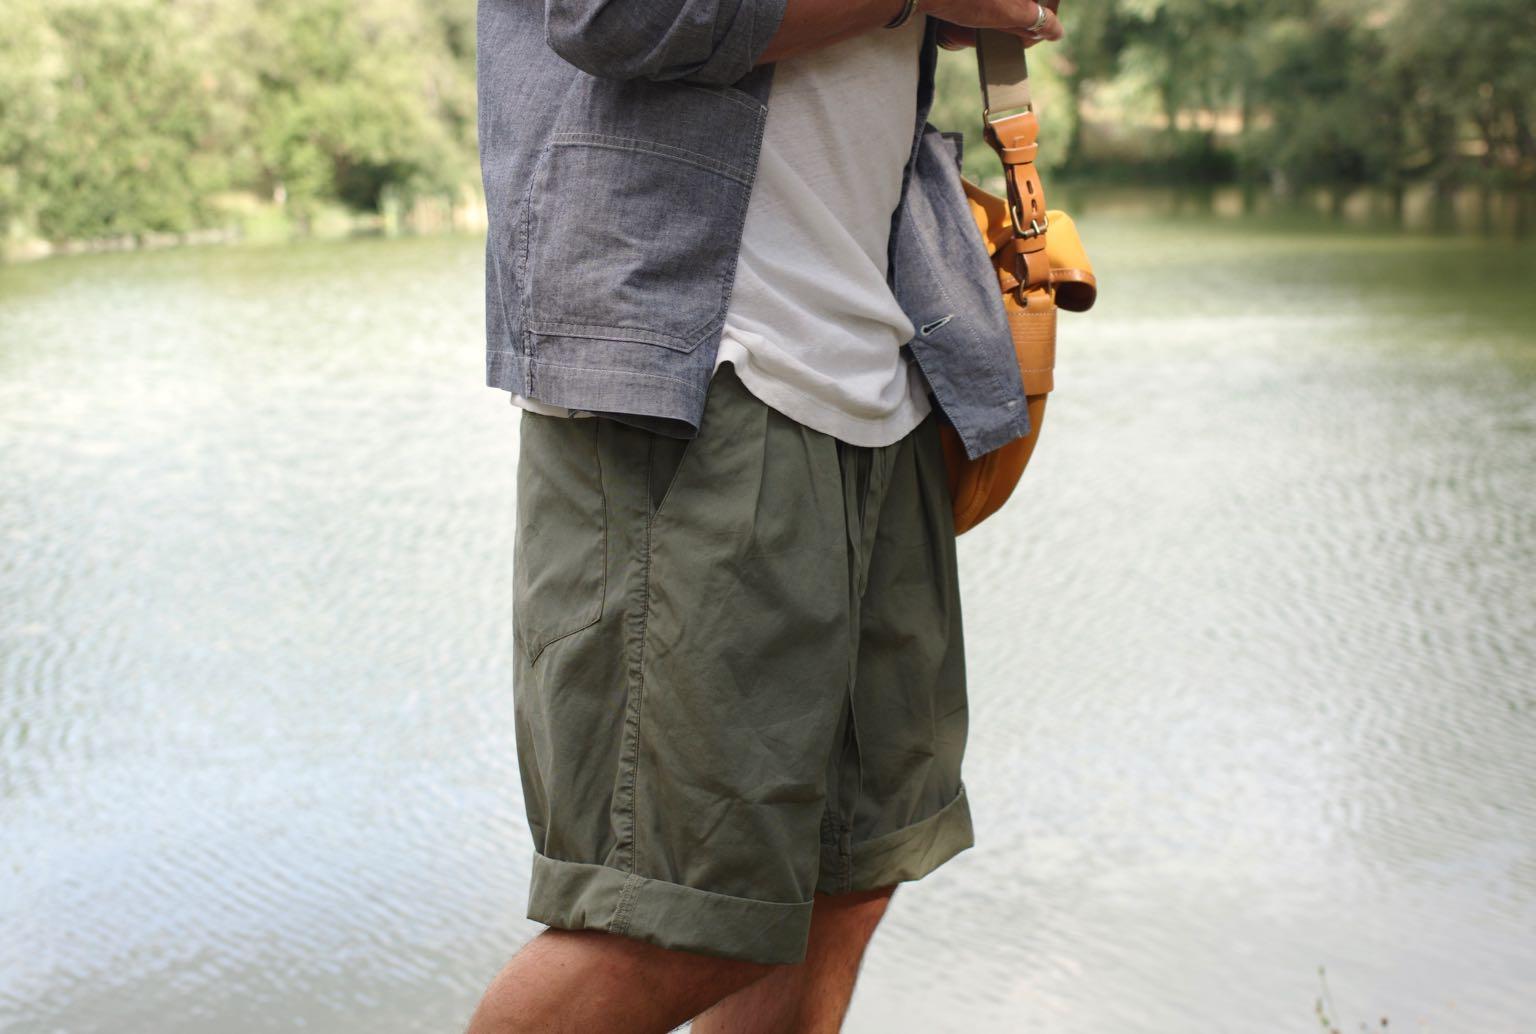 comment porter un short à pinces en été - monitaly stringwaisy pleated shorts olive - style workwear homme